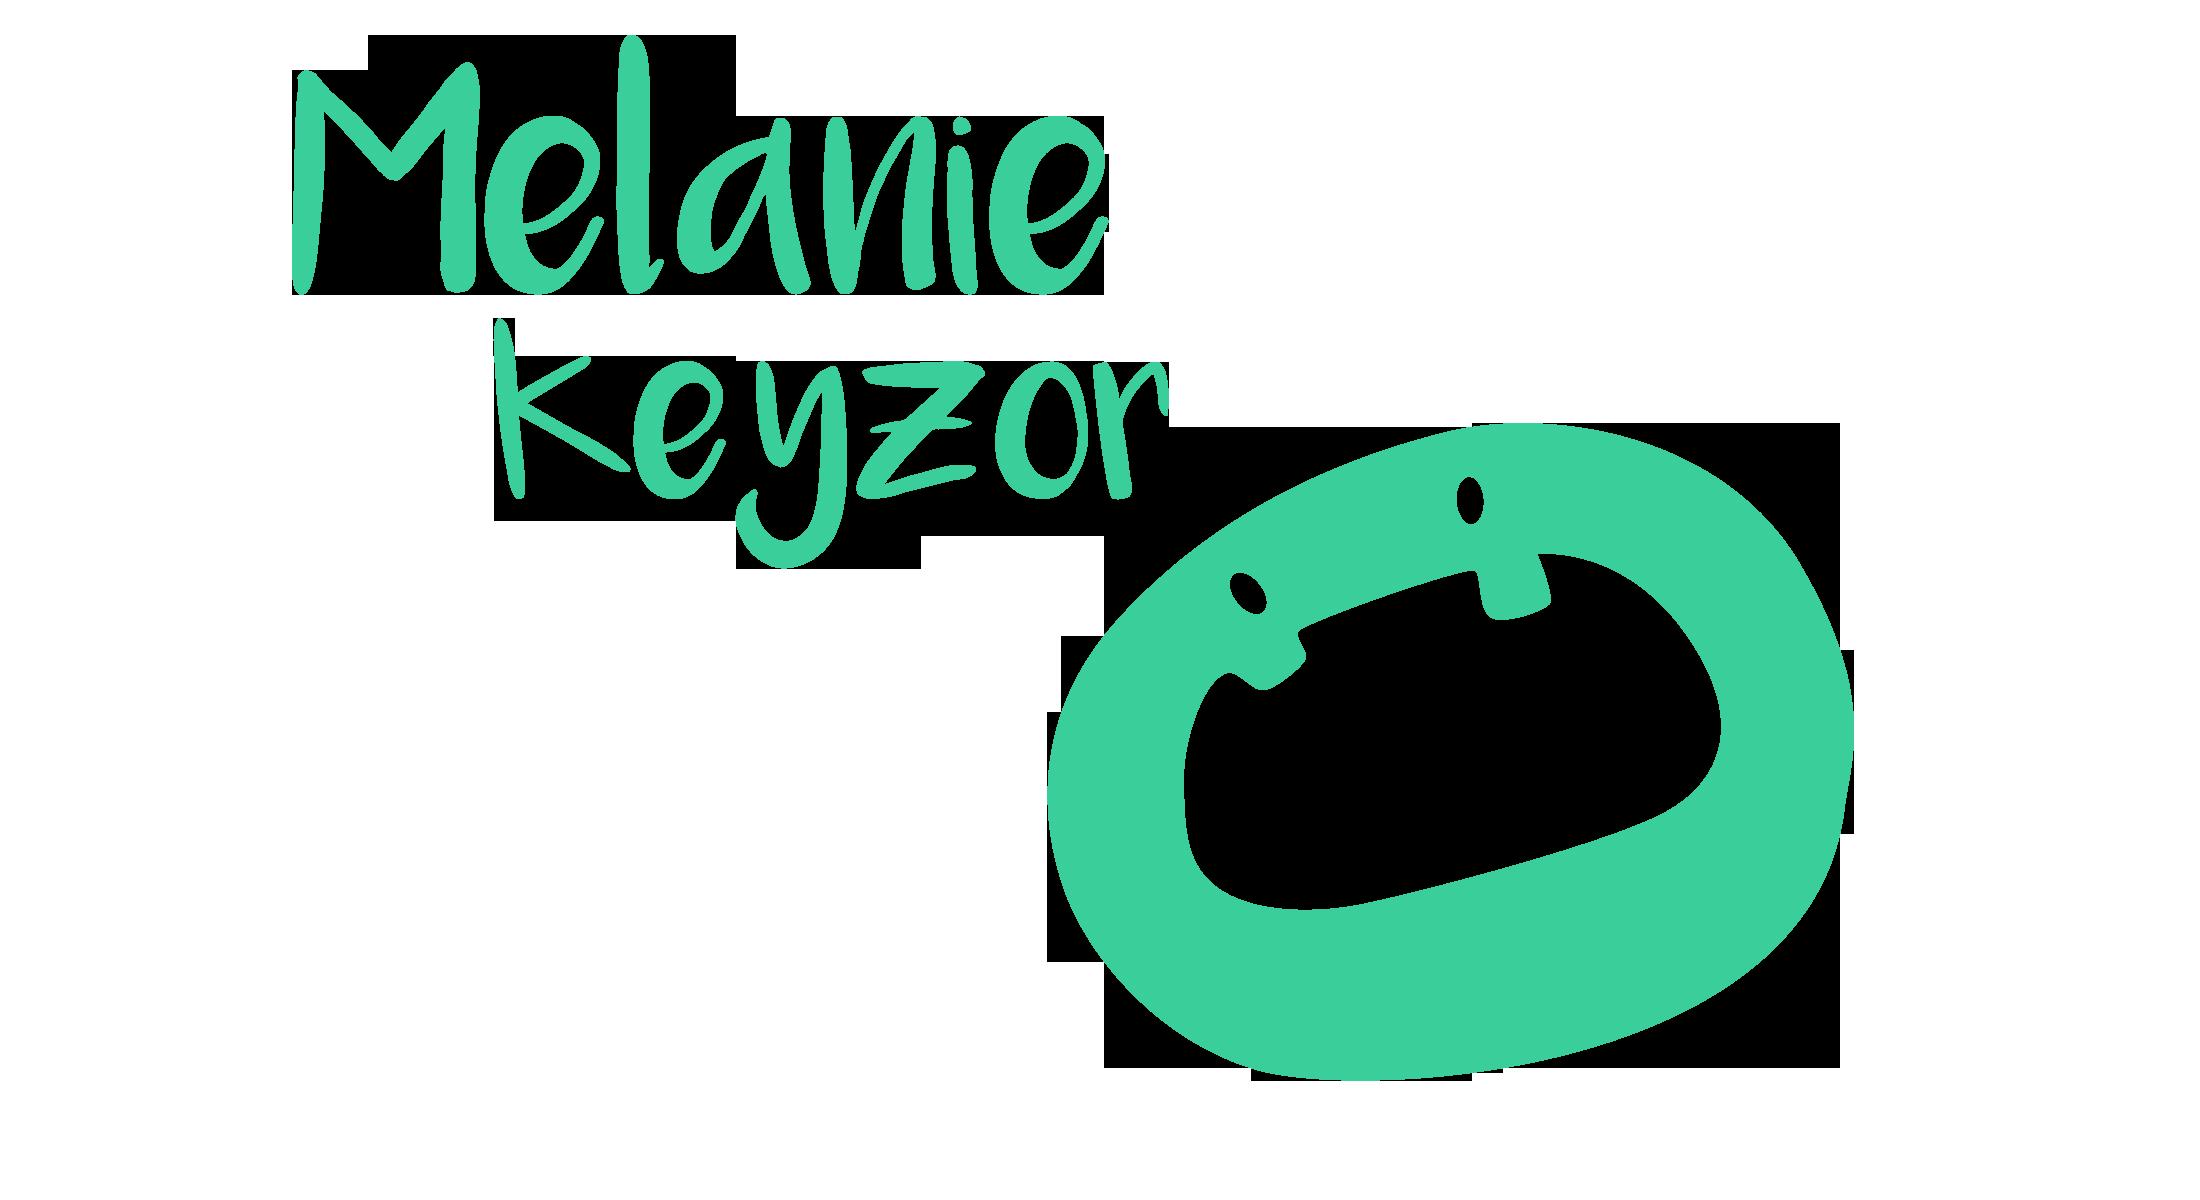 Melanie Keyzor